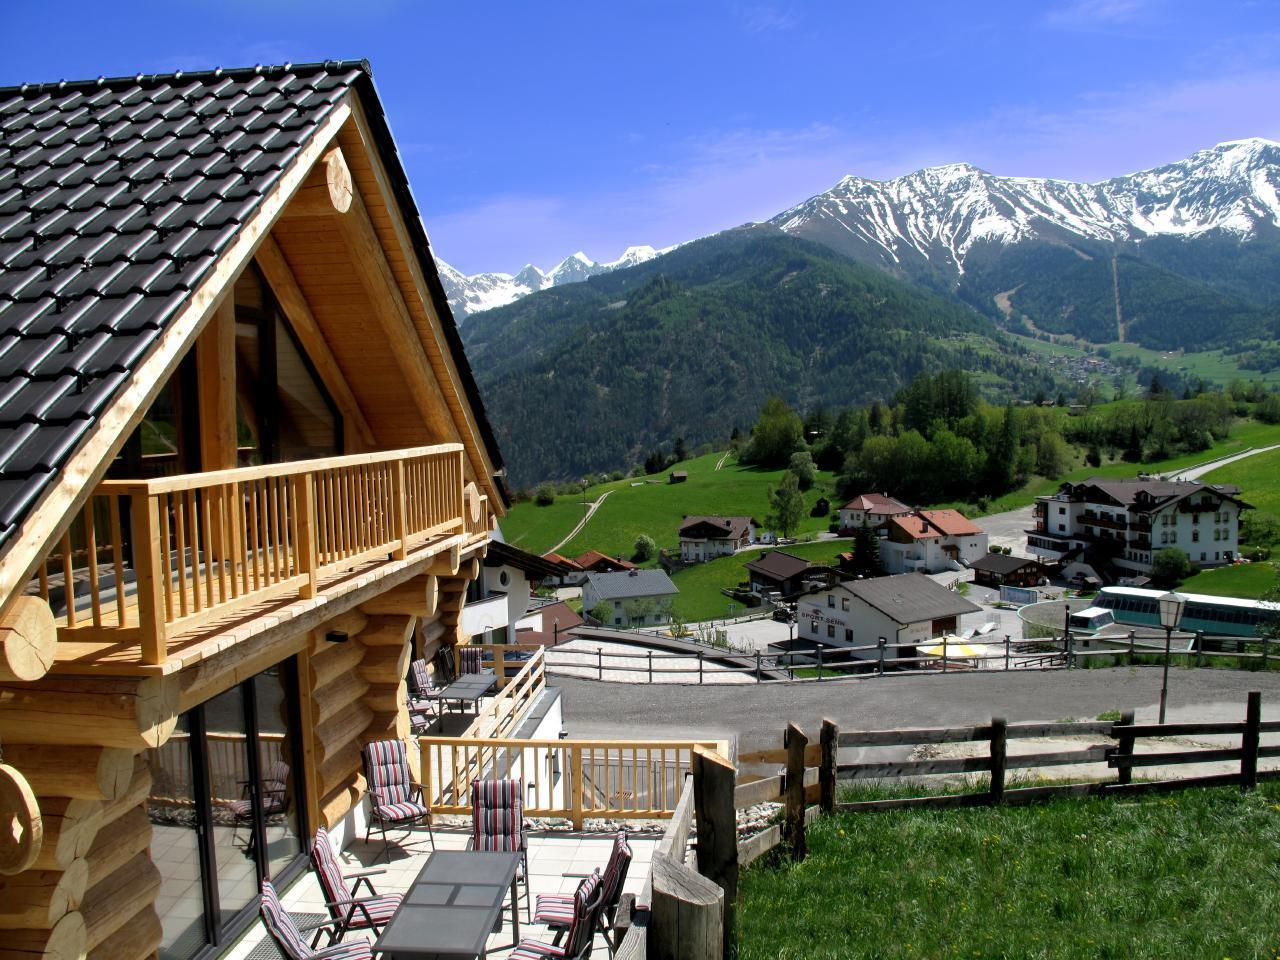 Maison de vacances Luxus Natur Chalets in exklusiver Lage und einzigartiger Ausstattung (1654990), Ladis, Serfaus-Fiss-Ladis, Tyrol, Autriche, image 9